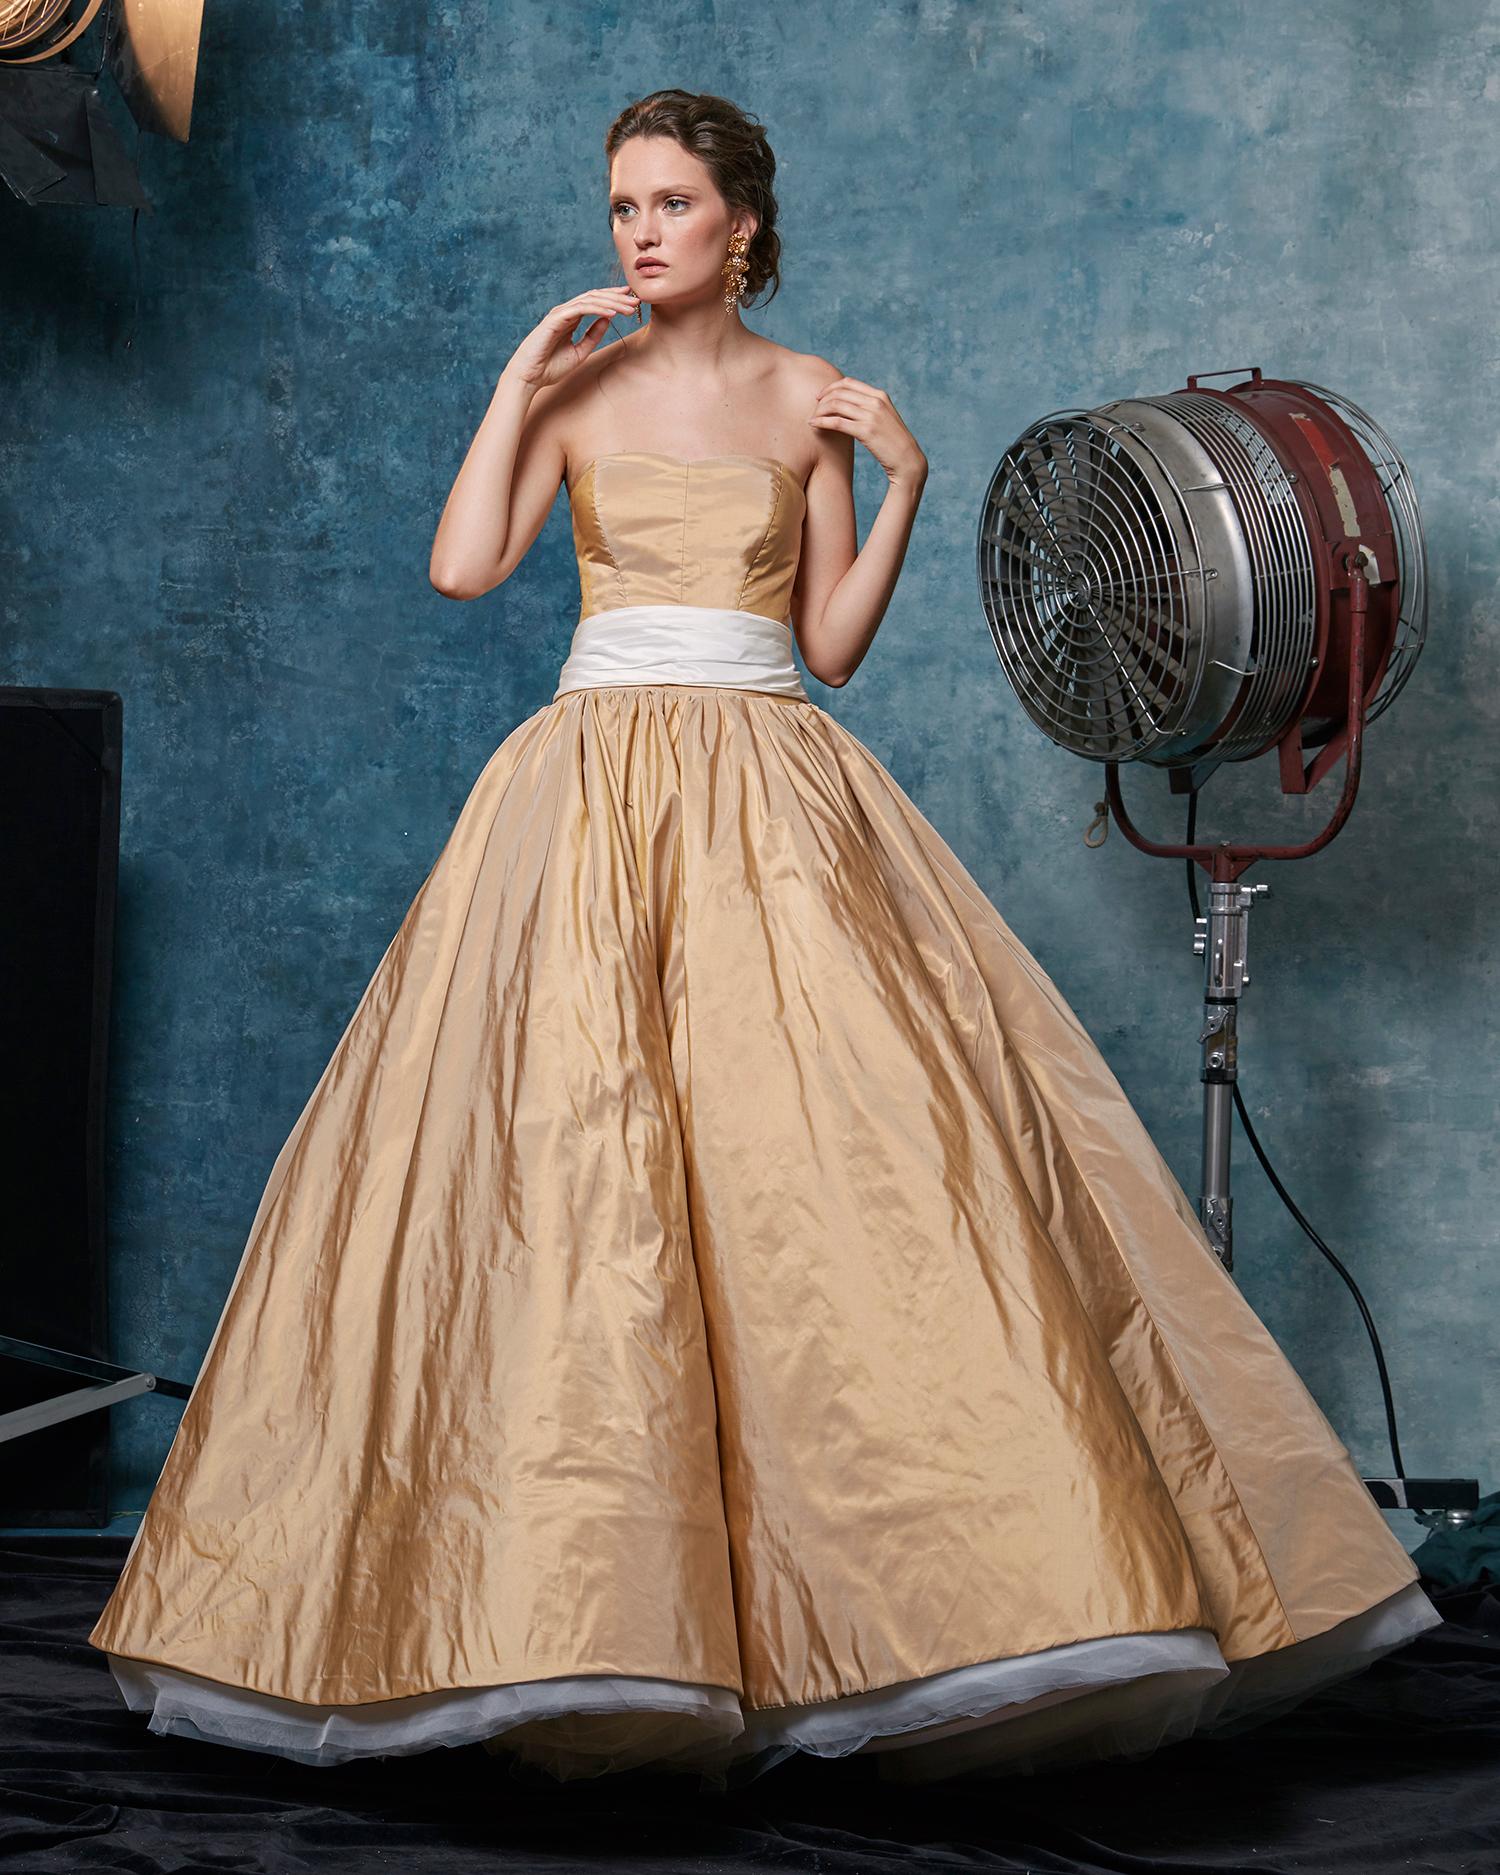 sareh nouri dress fall 2019 sand strapless ball gown